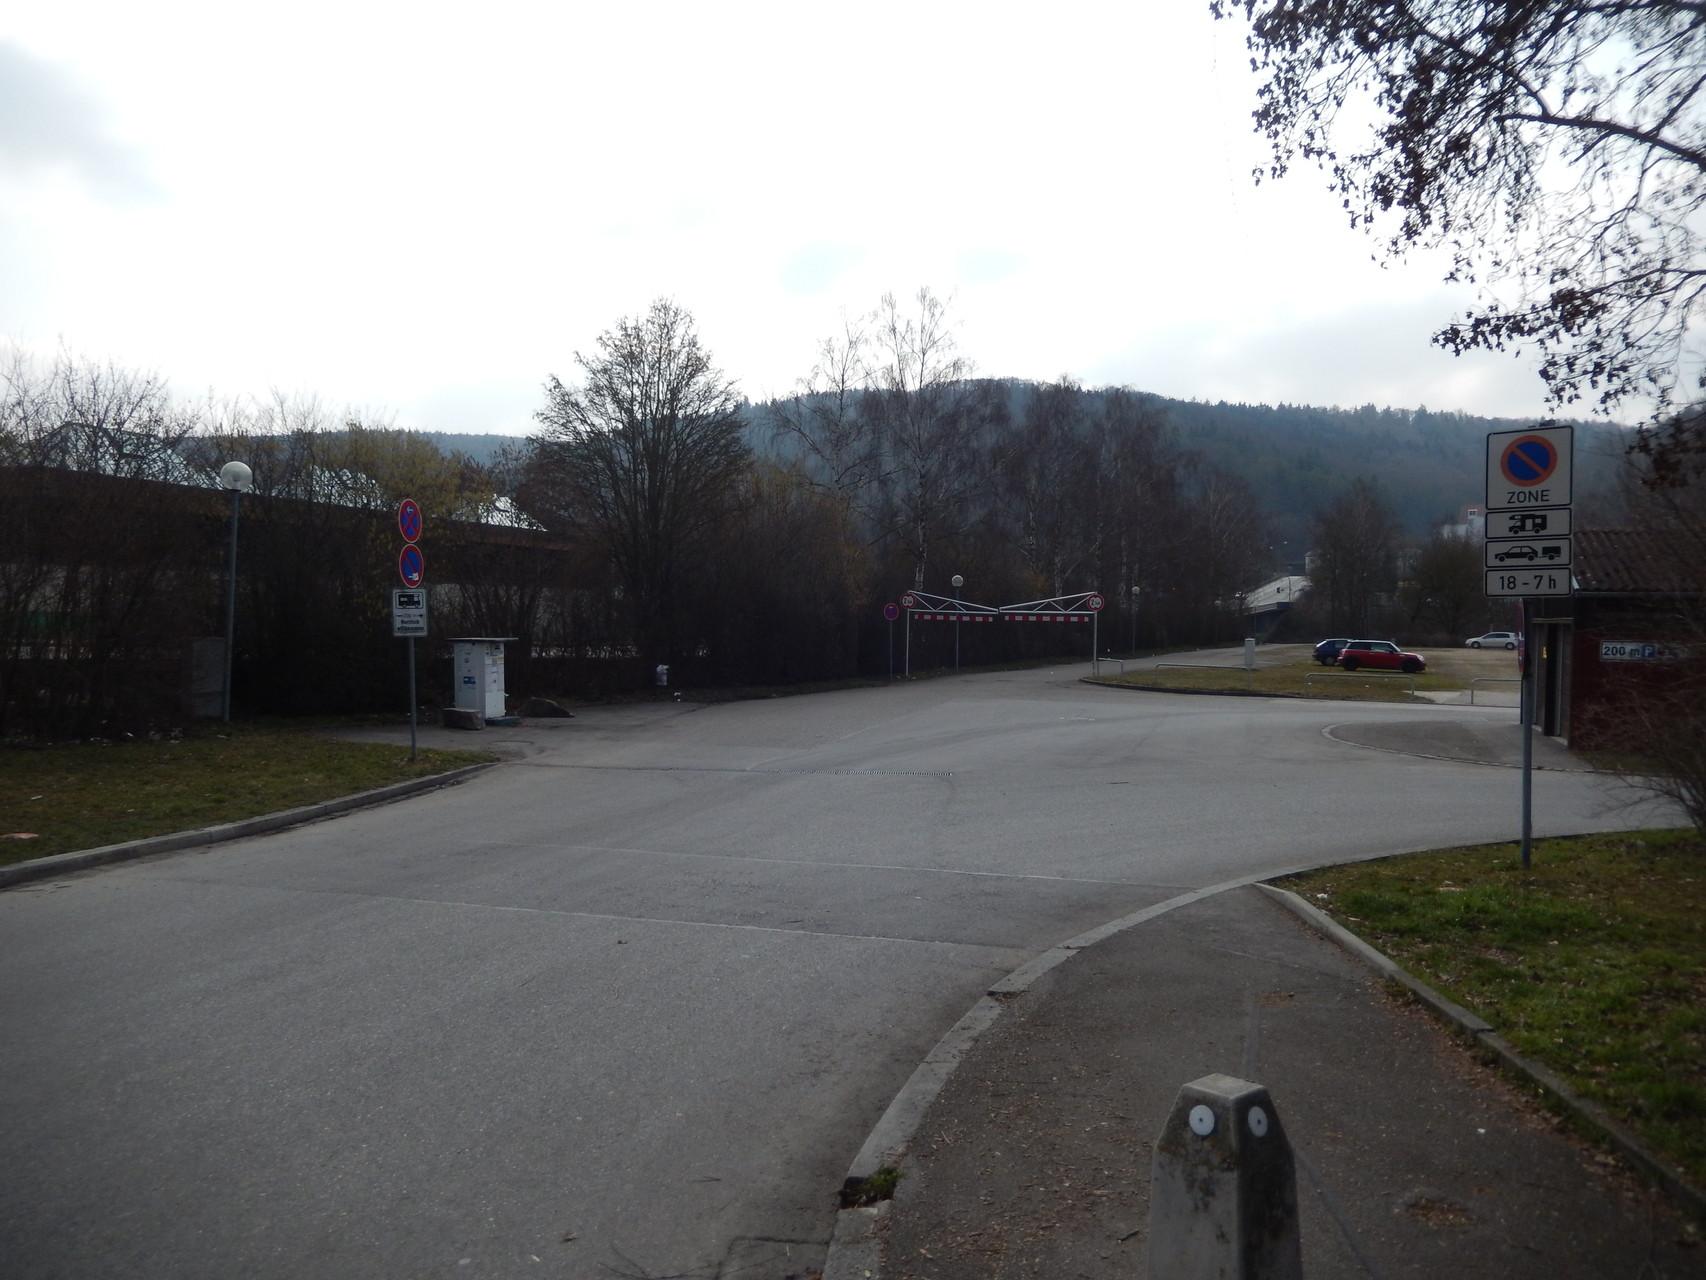 Die VE ist am Anfang des öffentlichen Parkplatzes